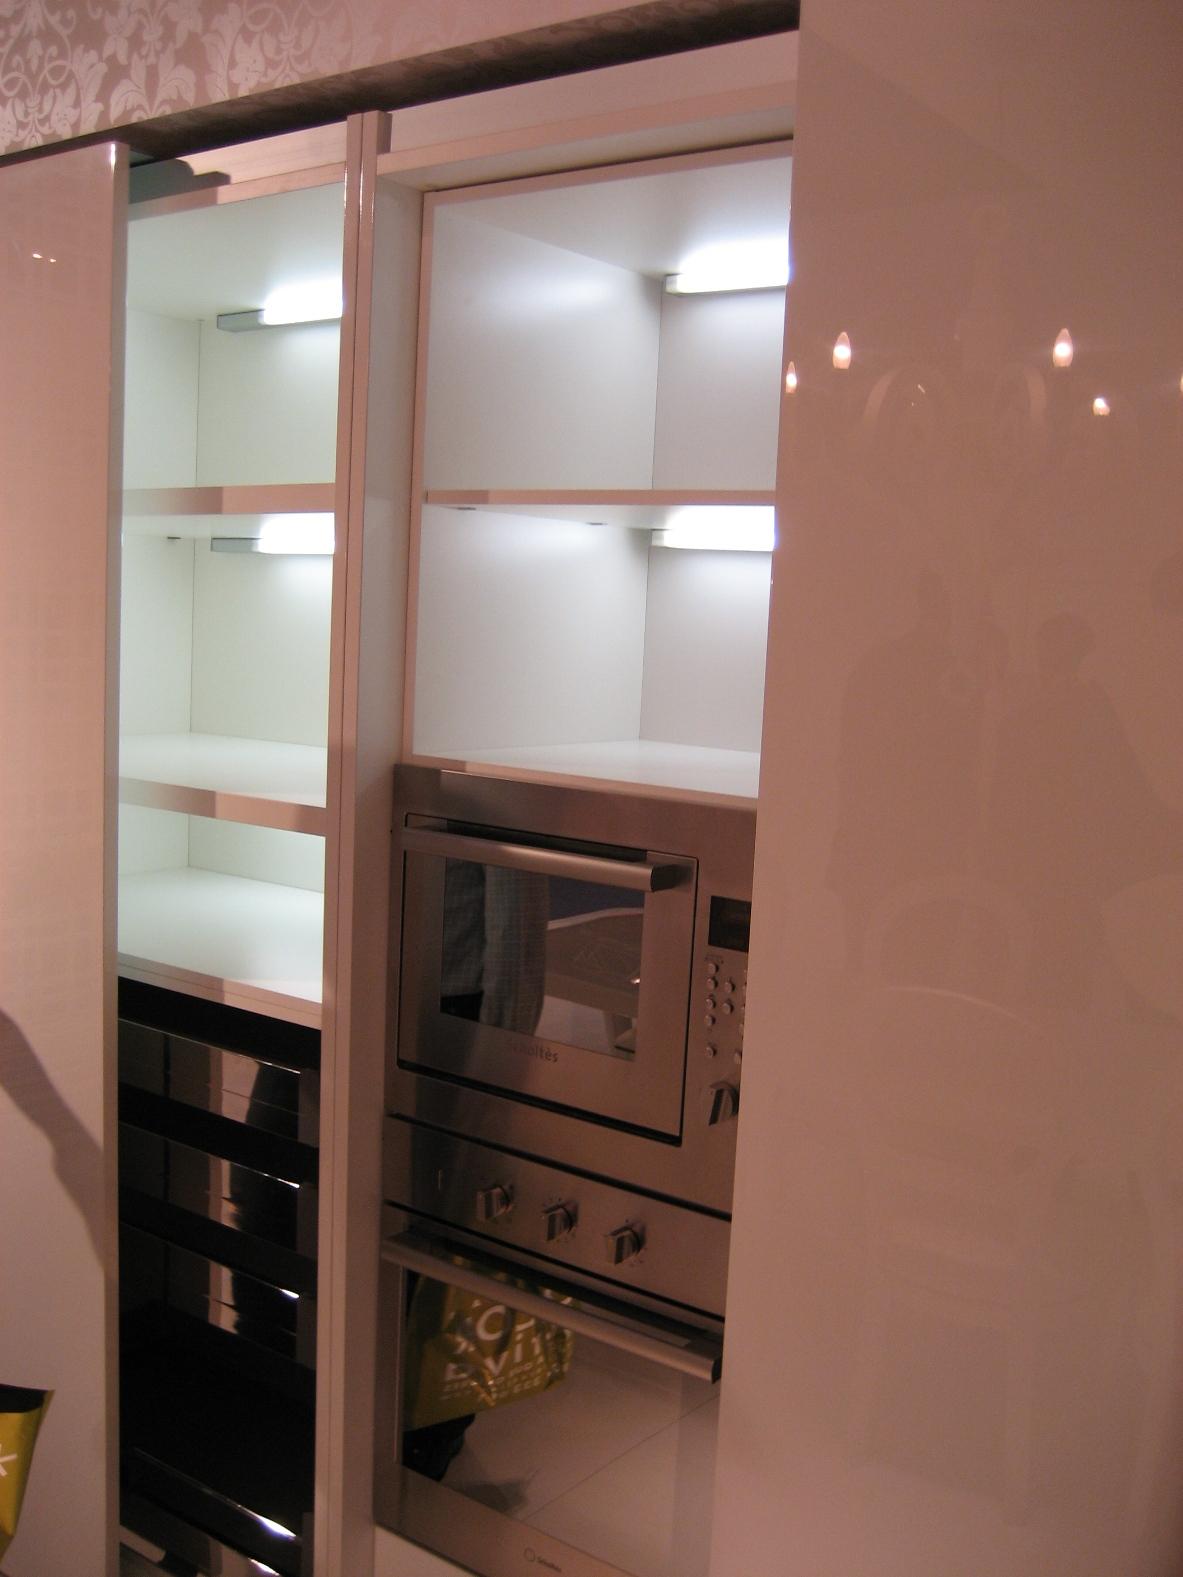 Iluminaci n integrada en la cocina cocinas con estilo - Iluminacion cocina fluorescente ...